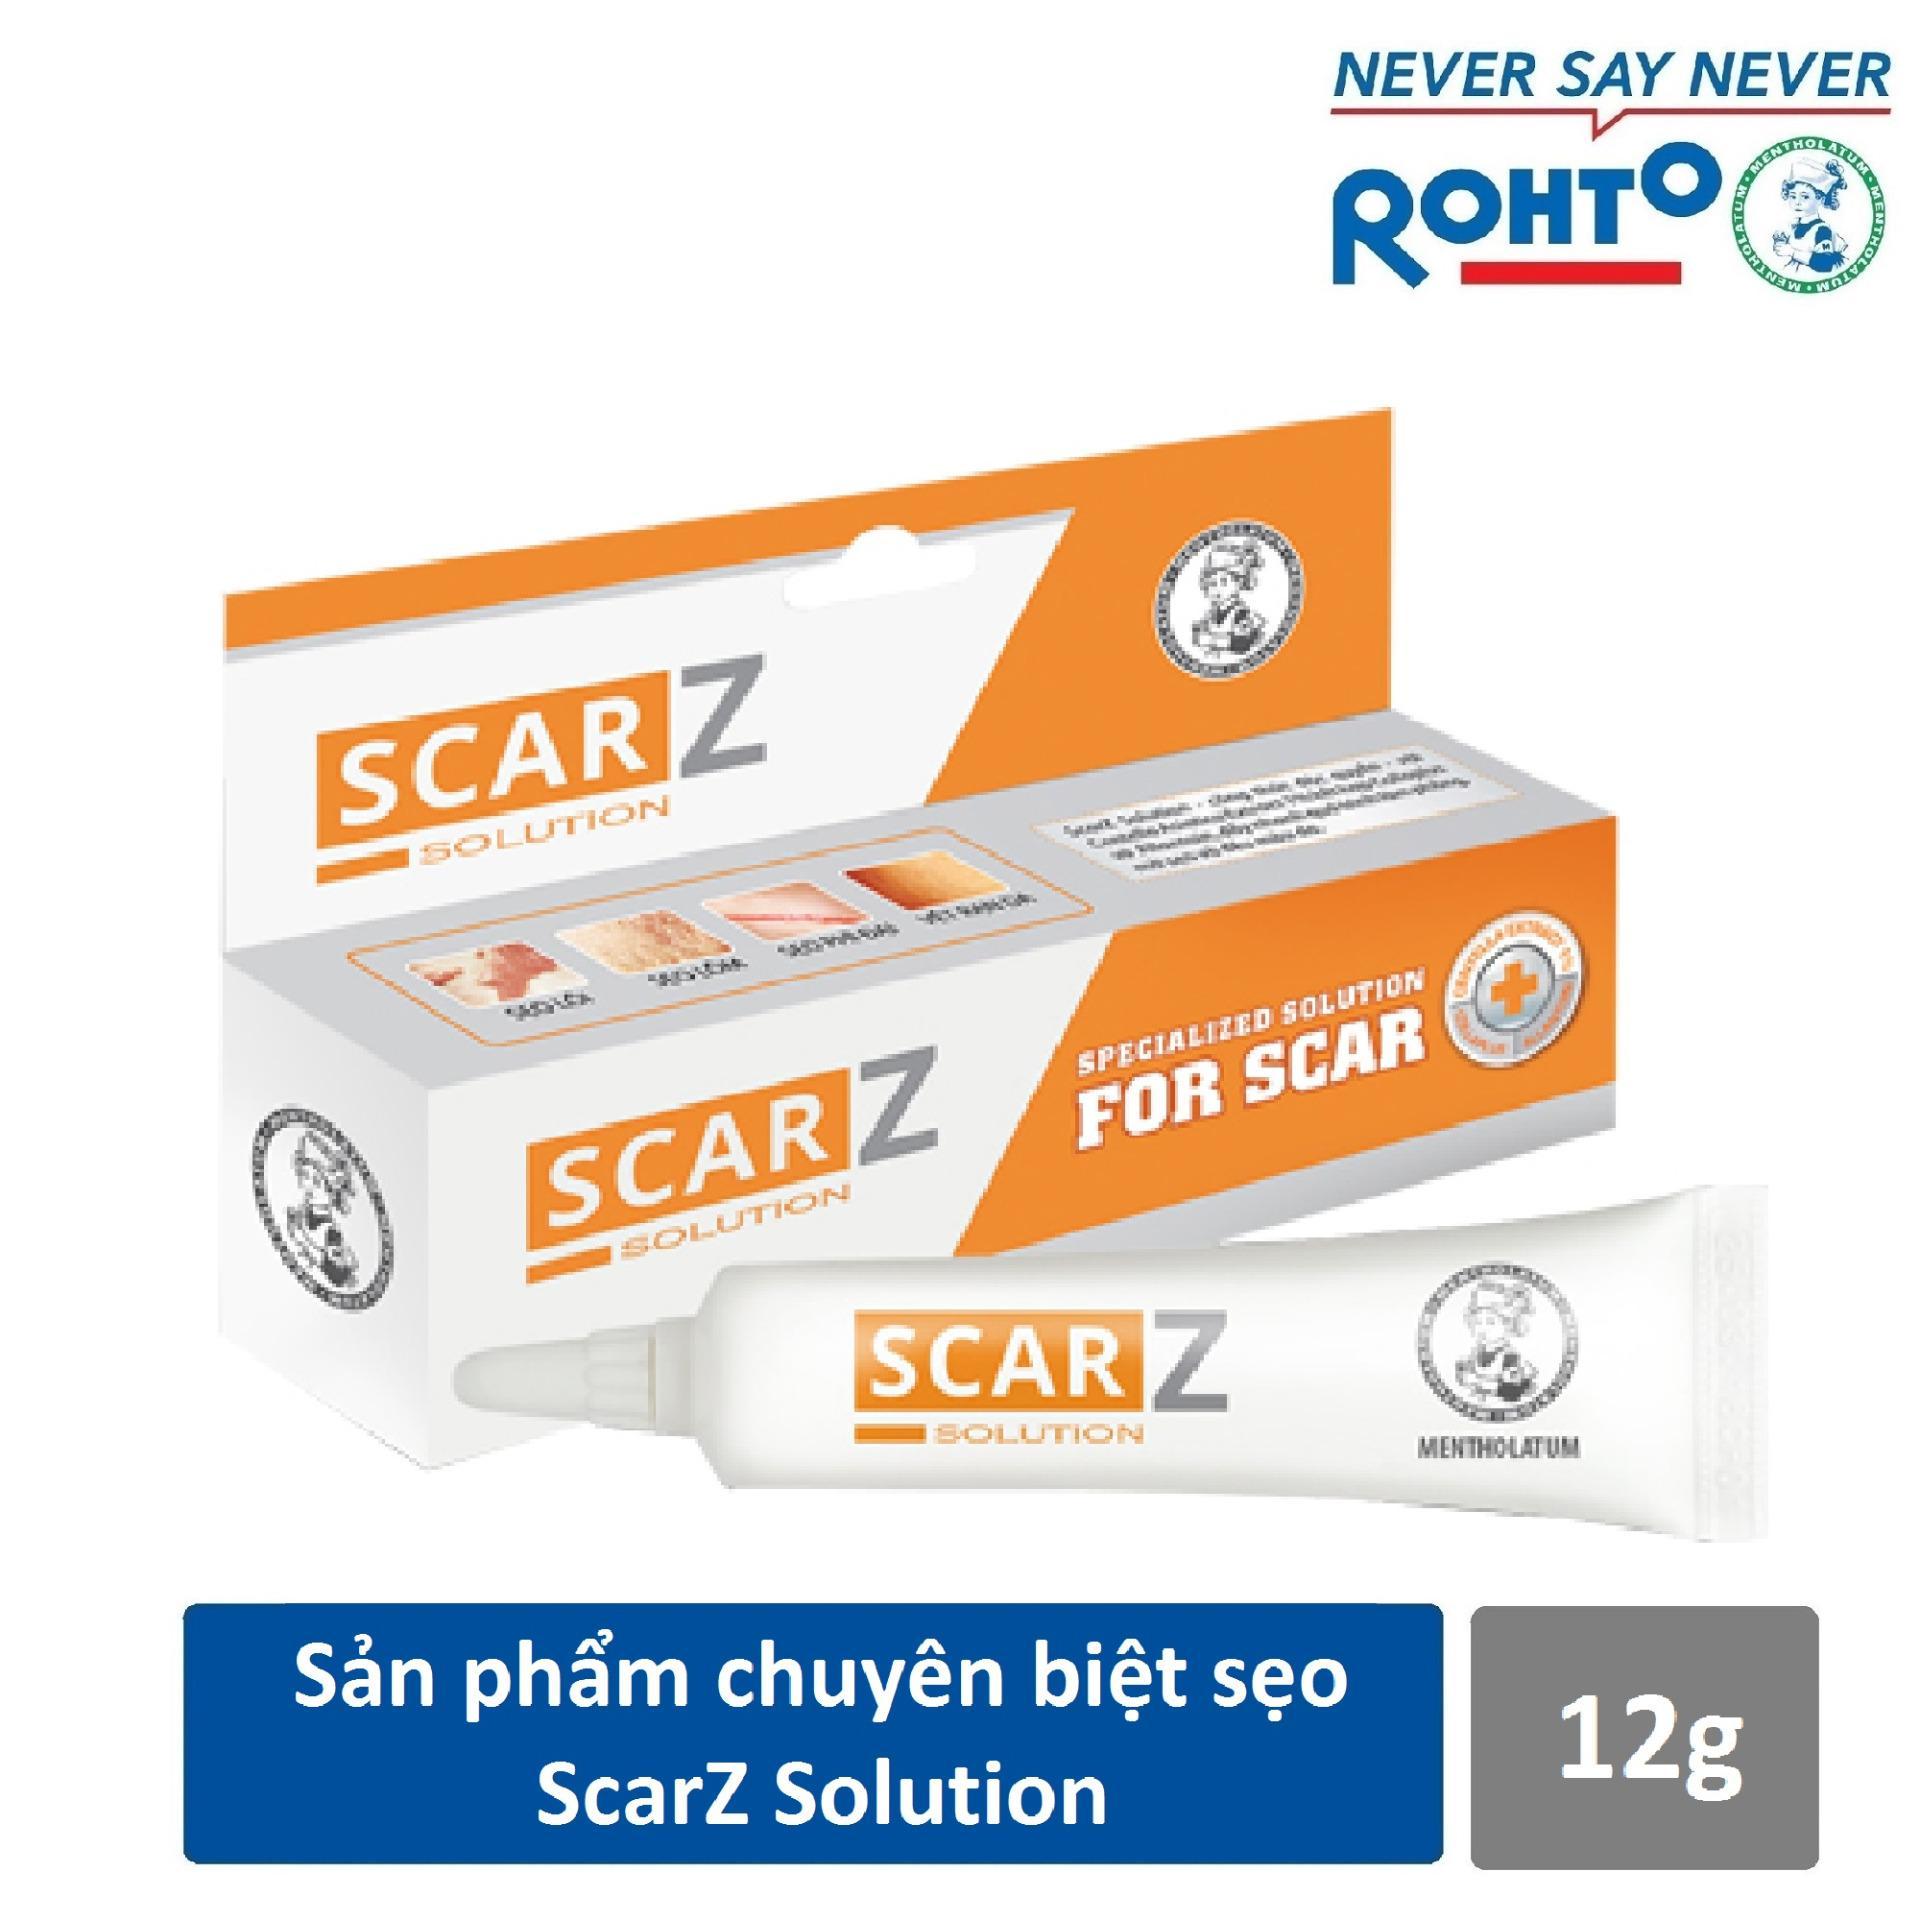 Sản phẩm chuyên biệt sẹo ScarZ 12g